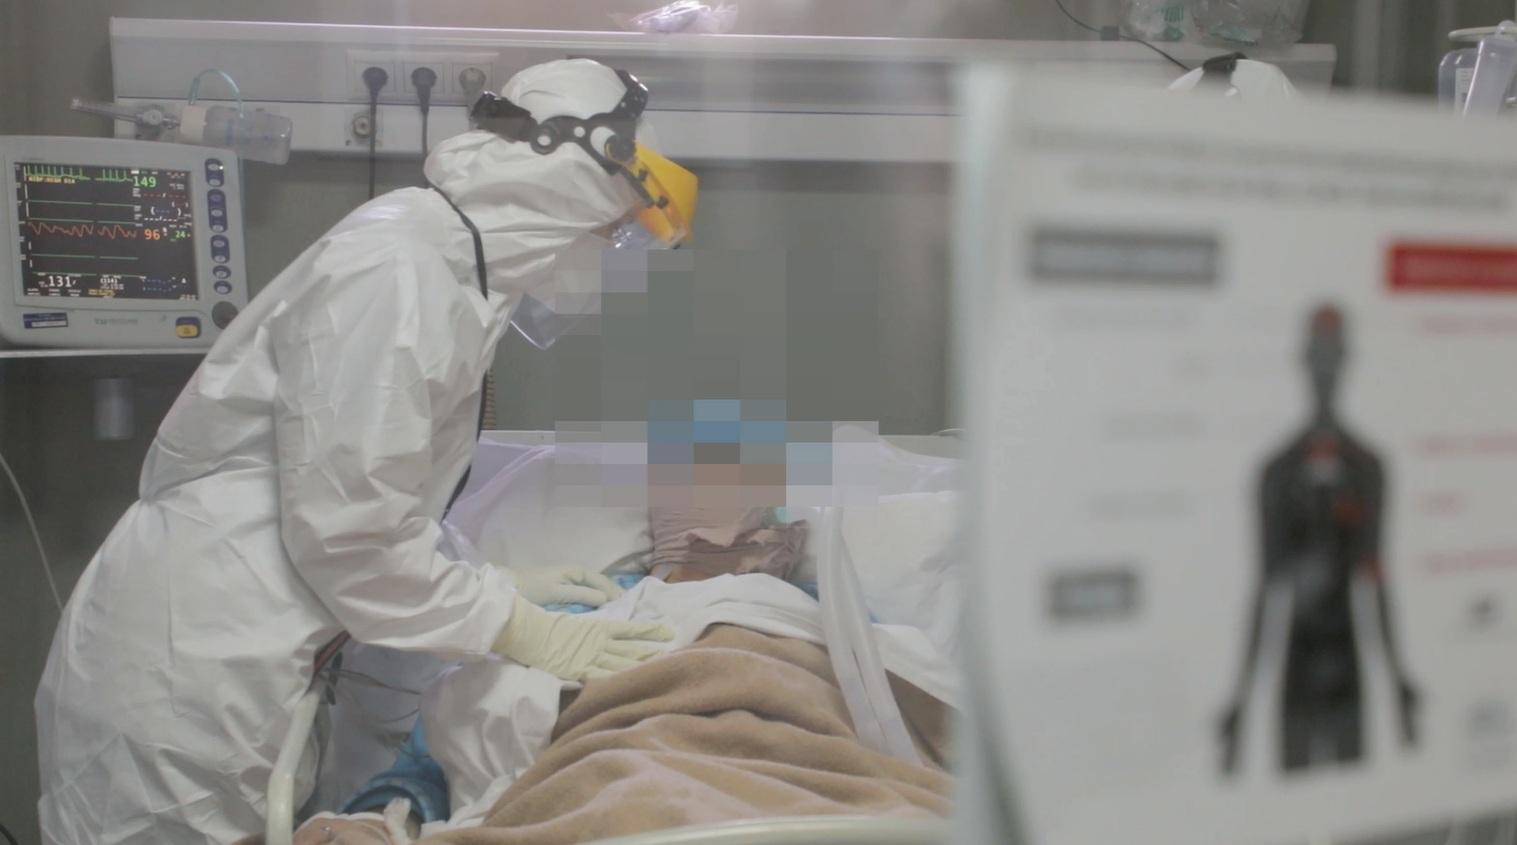 Situata tek Infektivi: 55 pacientë të shtruar, dy prej tyre në gjendje kritike